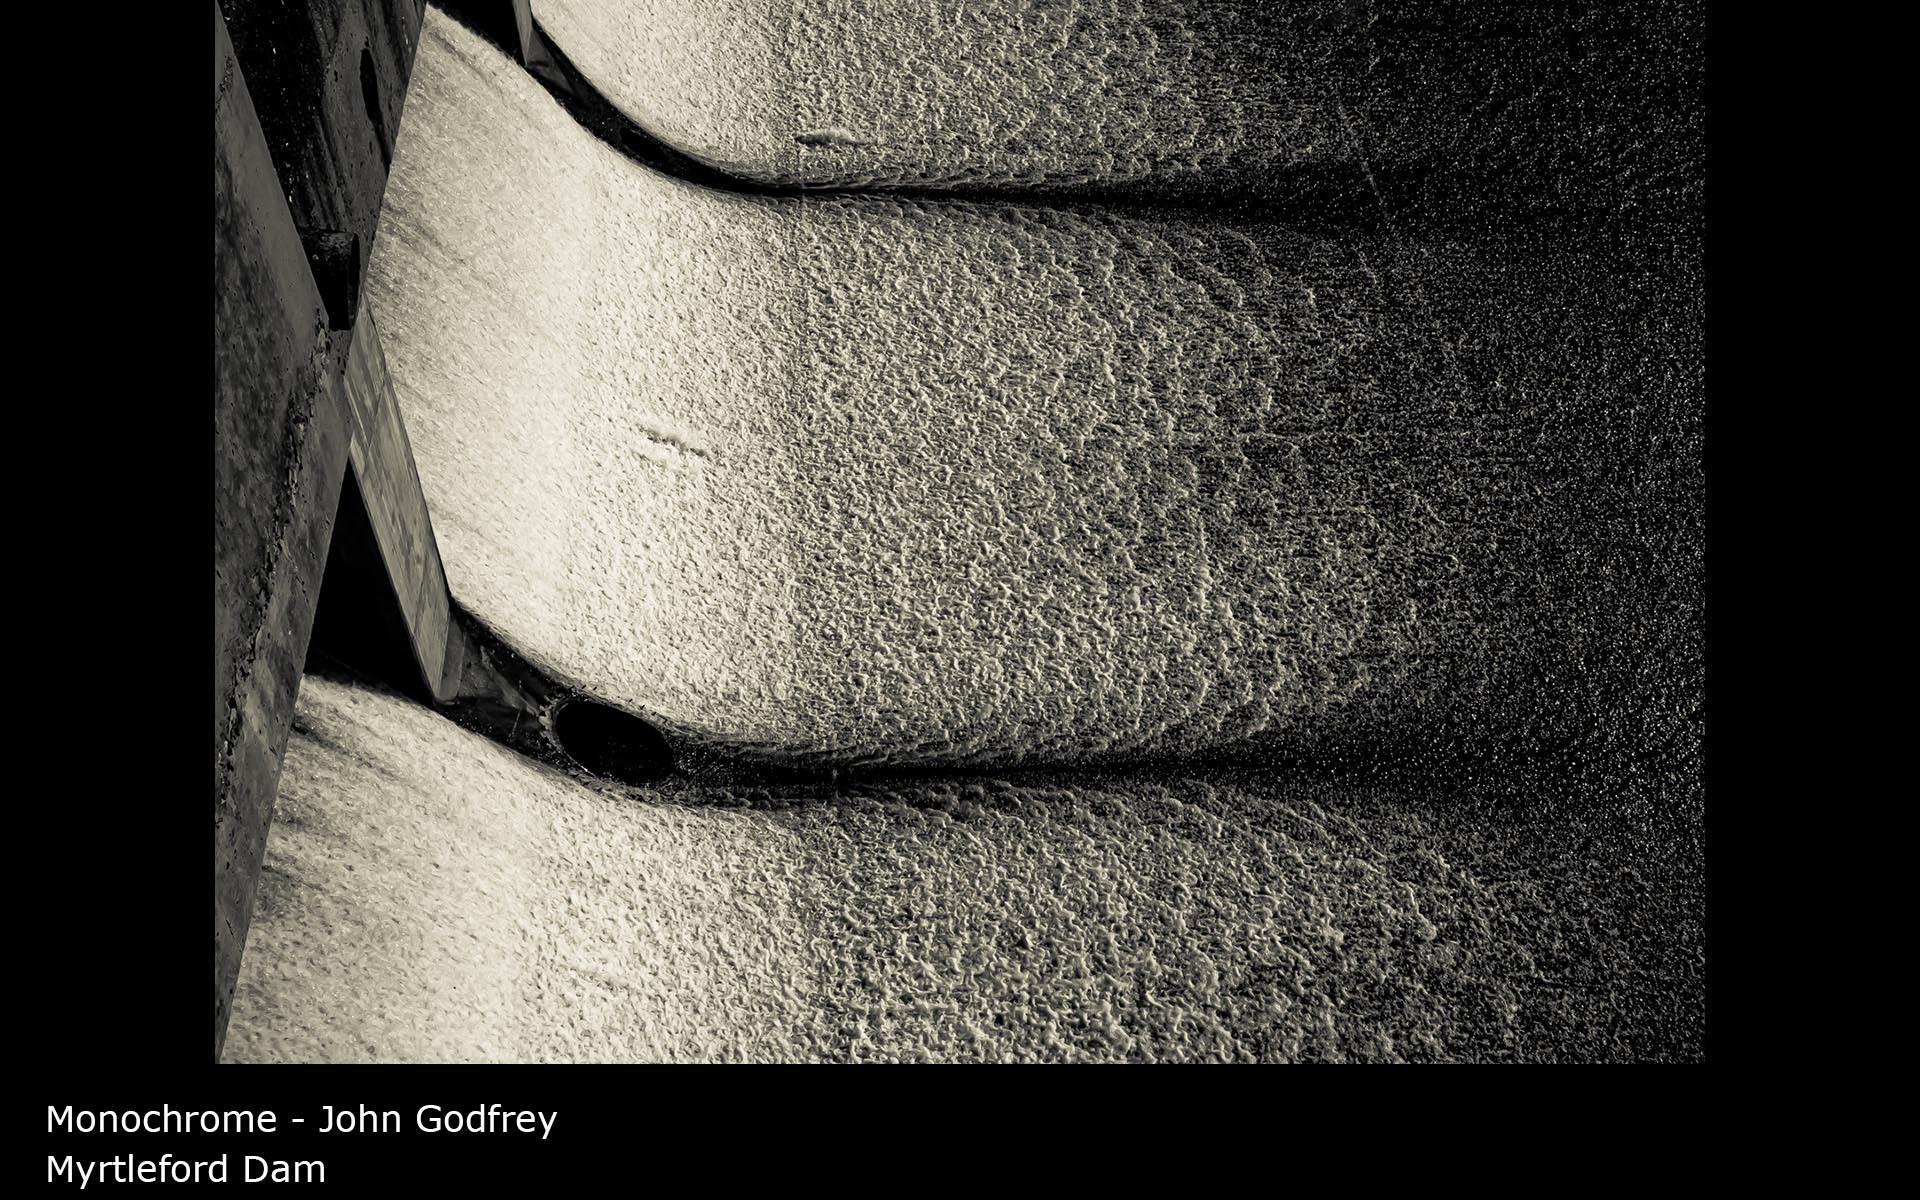 Myrtleford Dam - John Godfrey